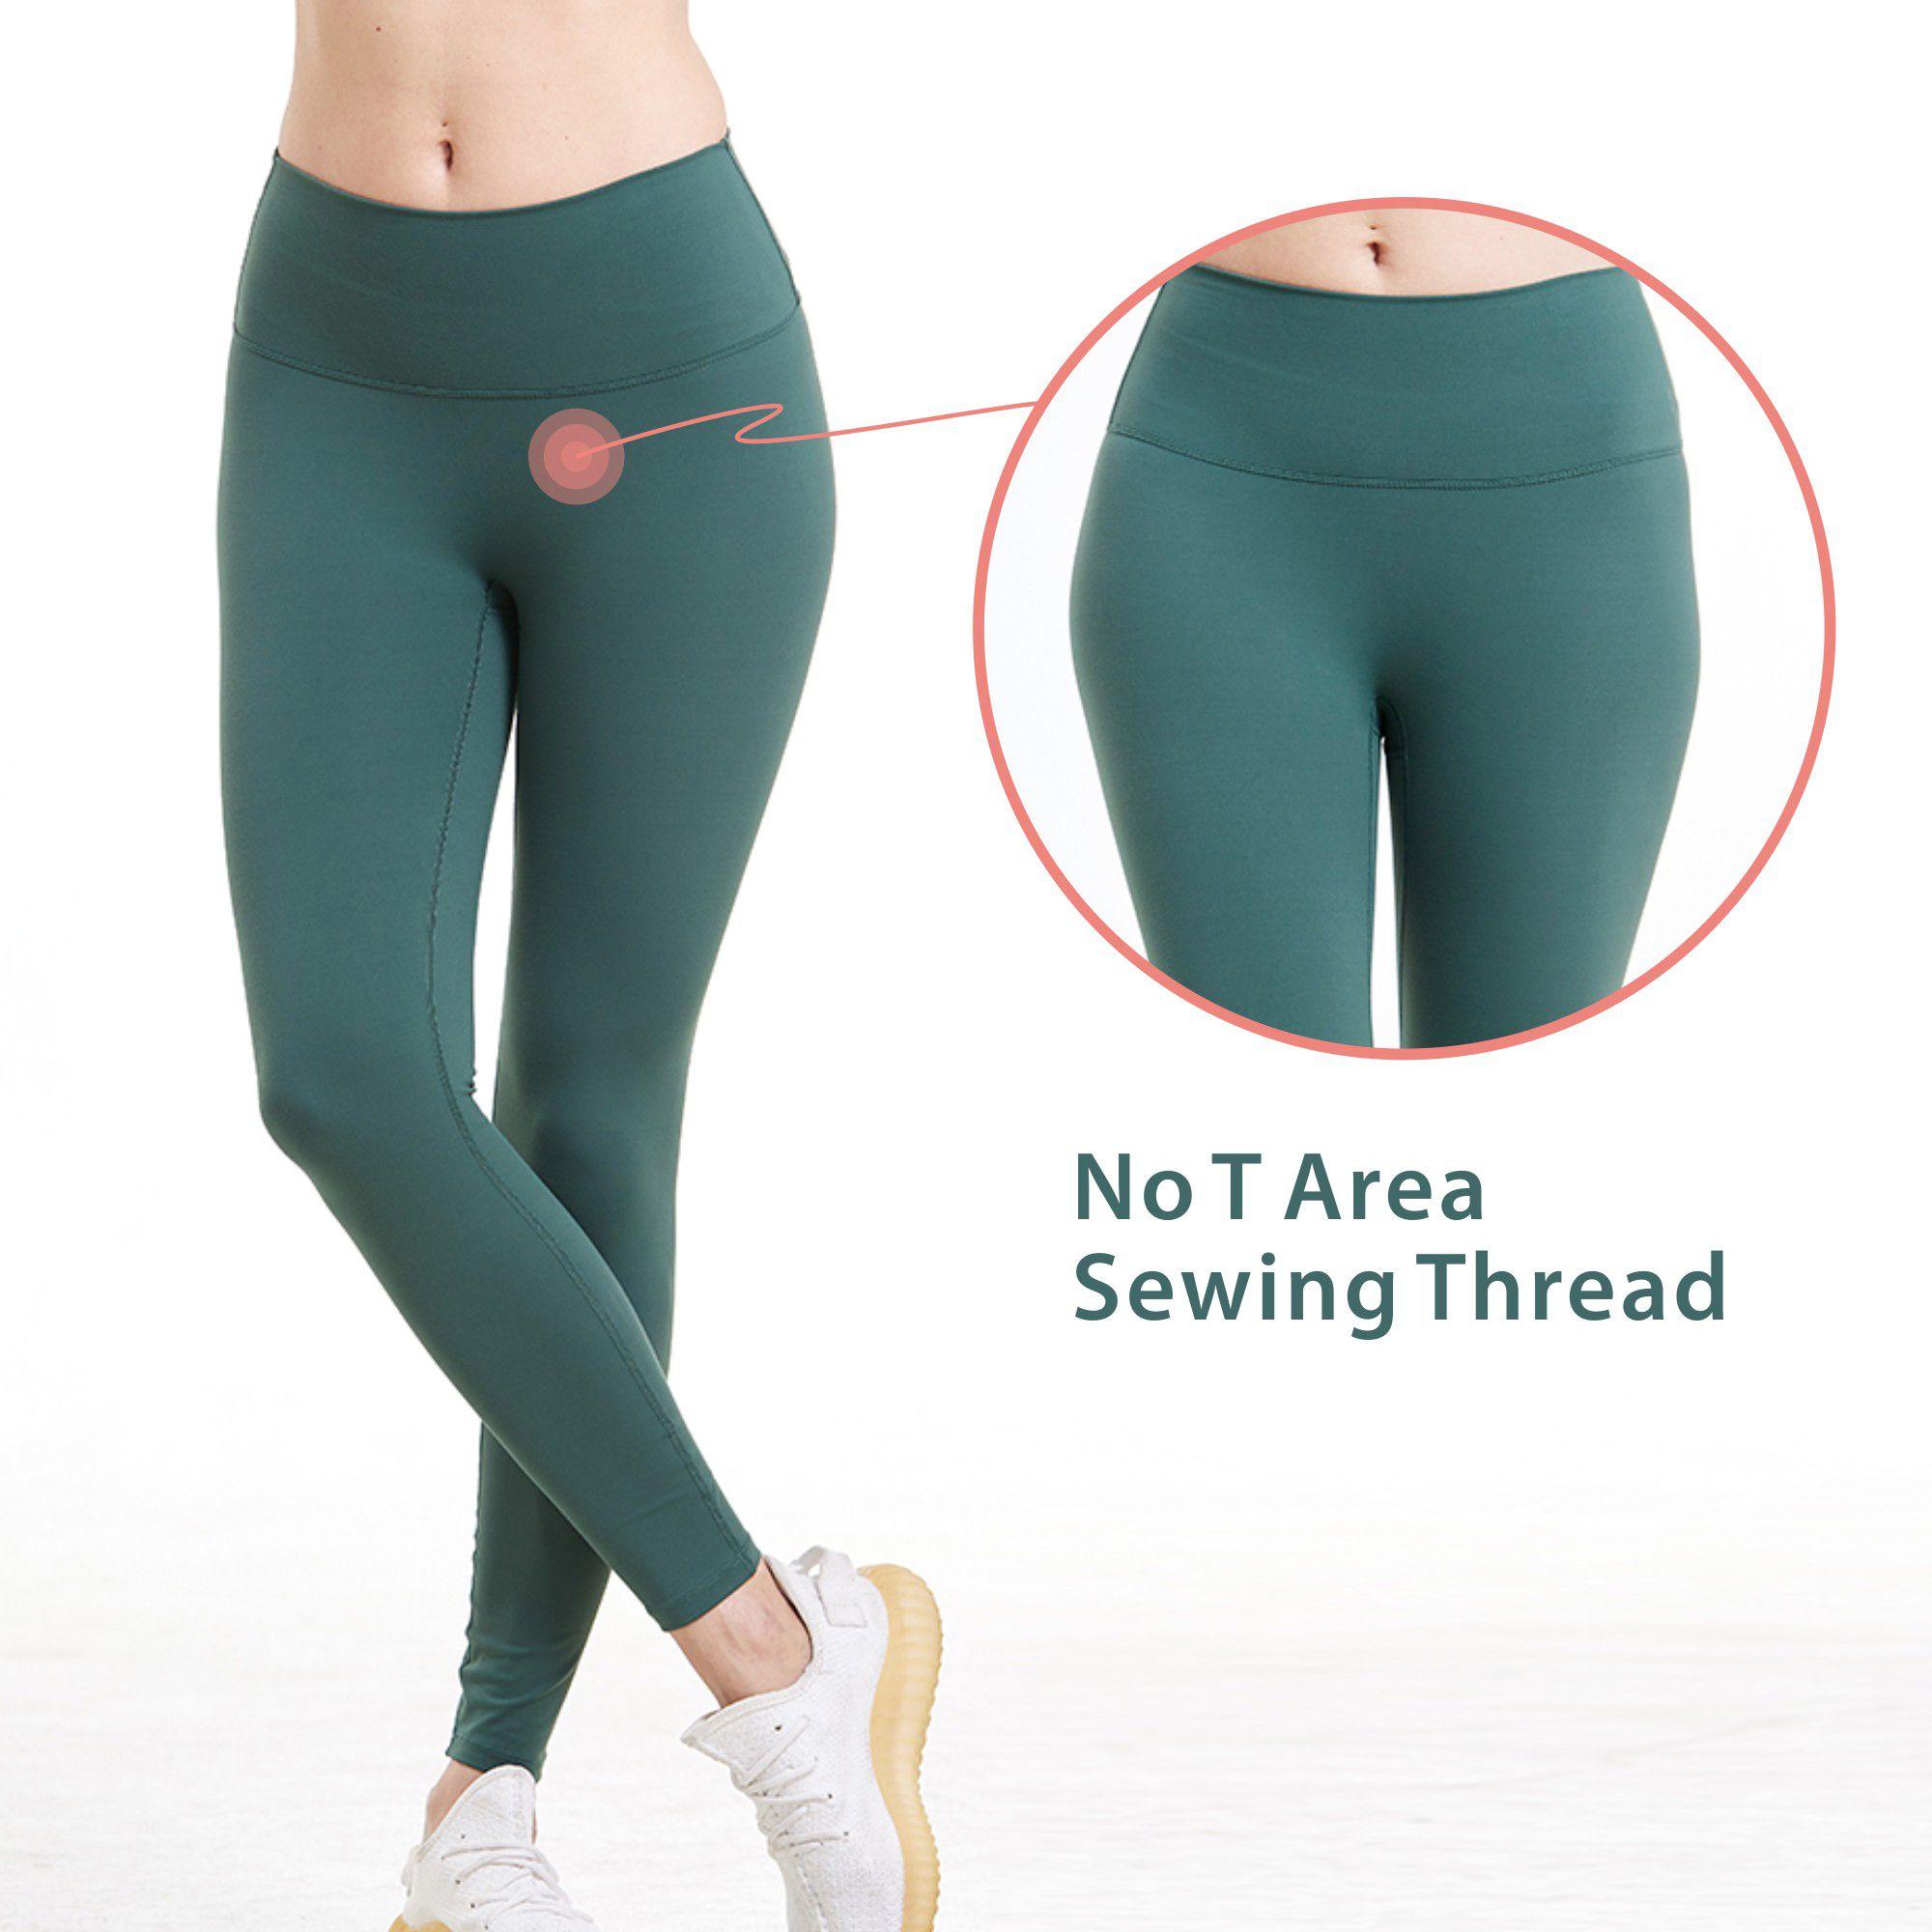 Высокая талия обнаженные чувства йога брюки толщины спорт женщины фитнес бегущий энергией бесшовные леггинсы тренажерный зал девушки брюки